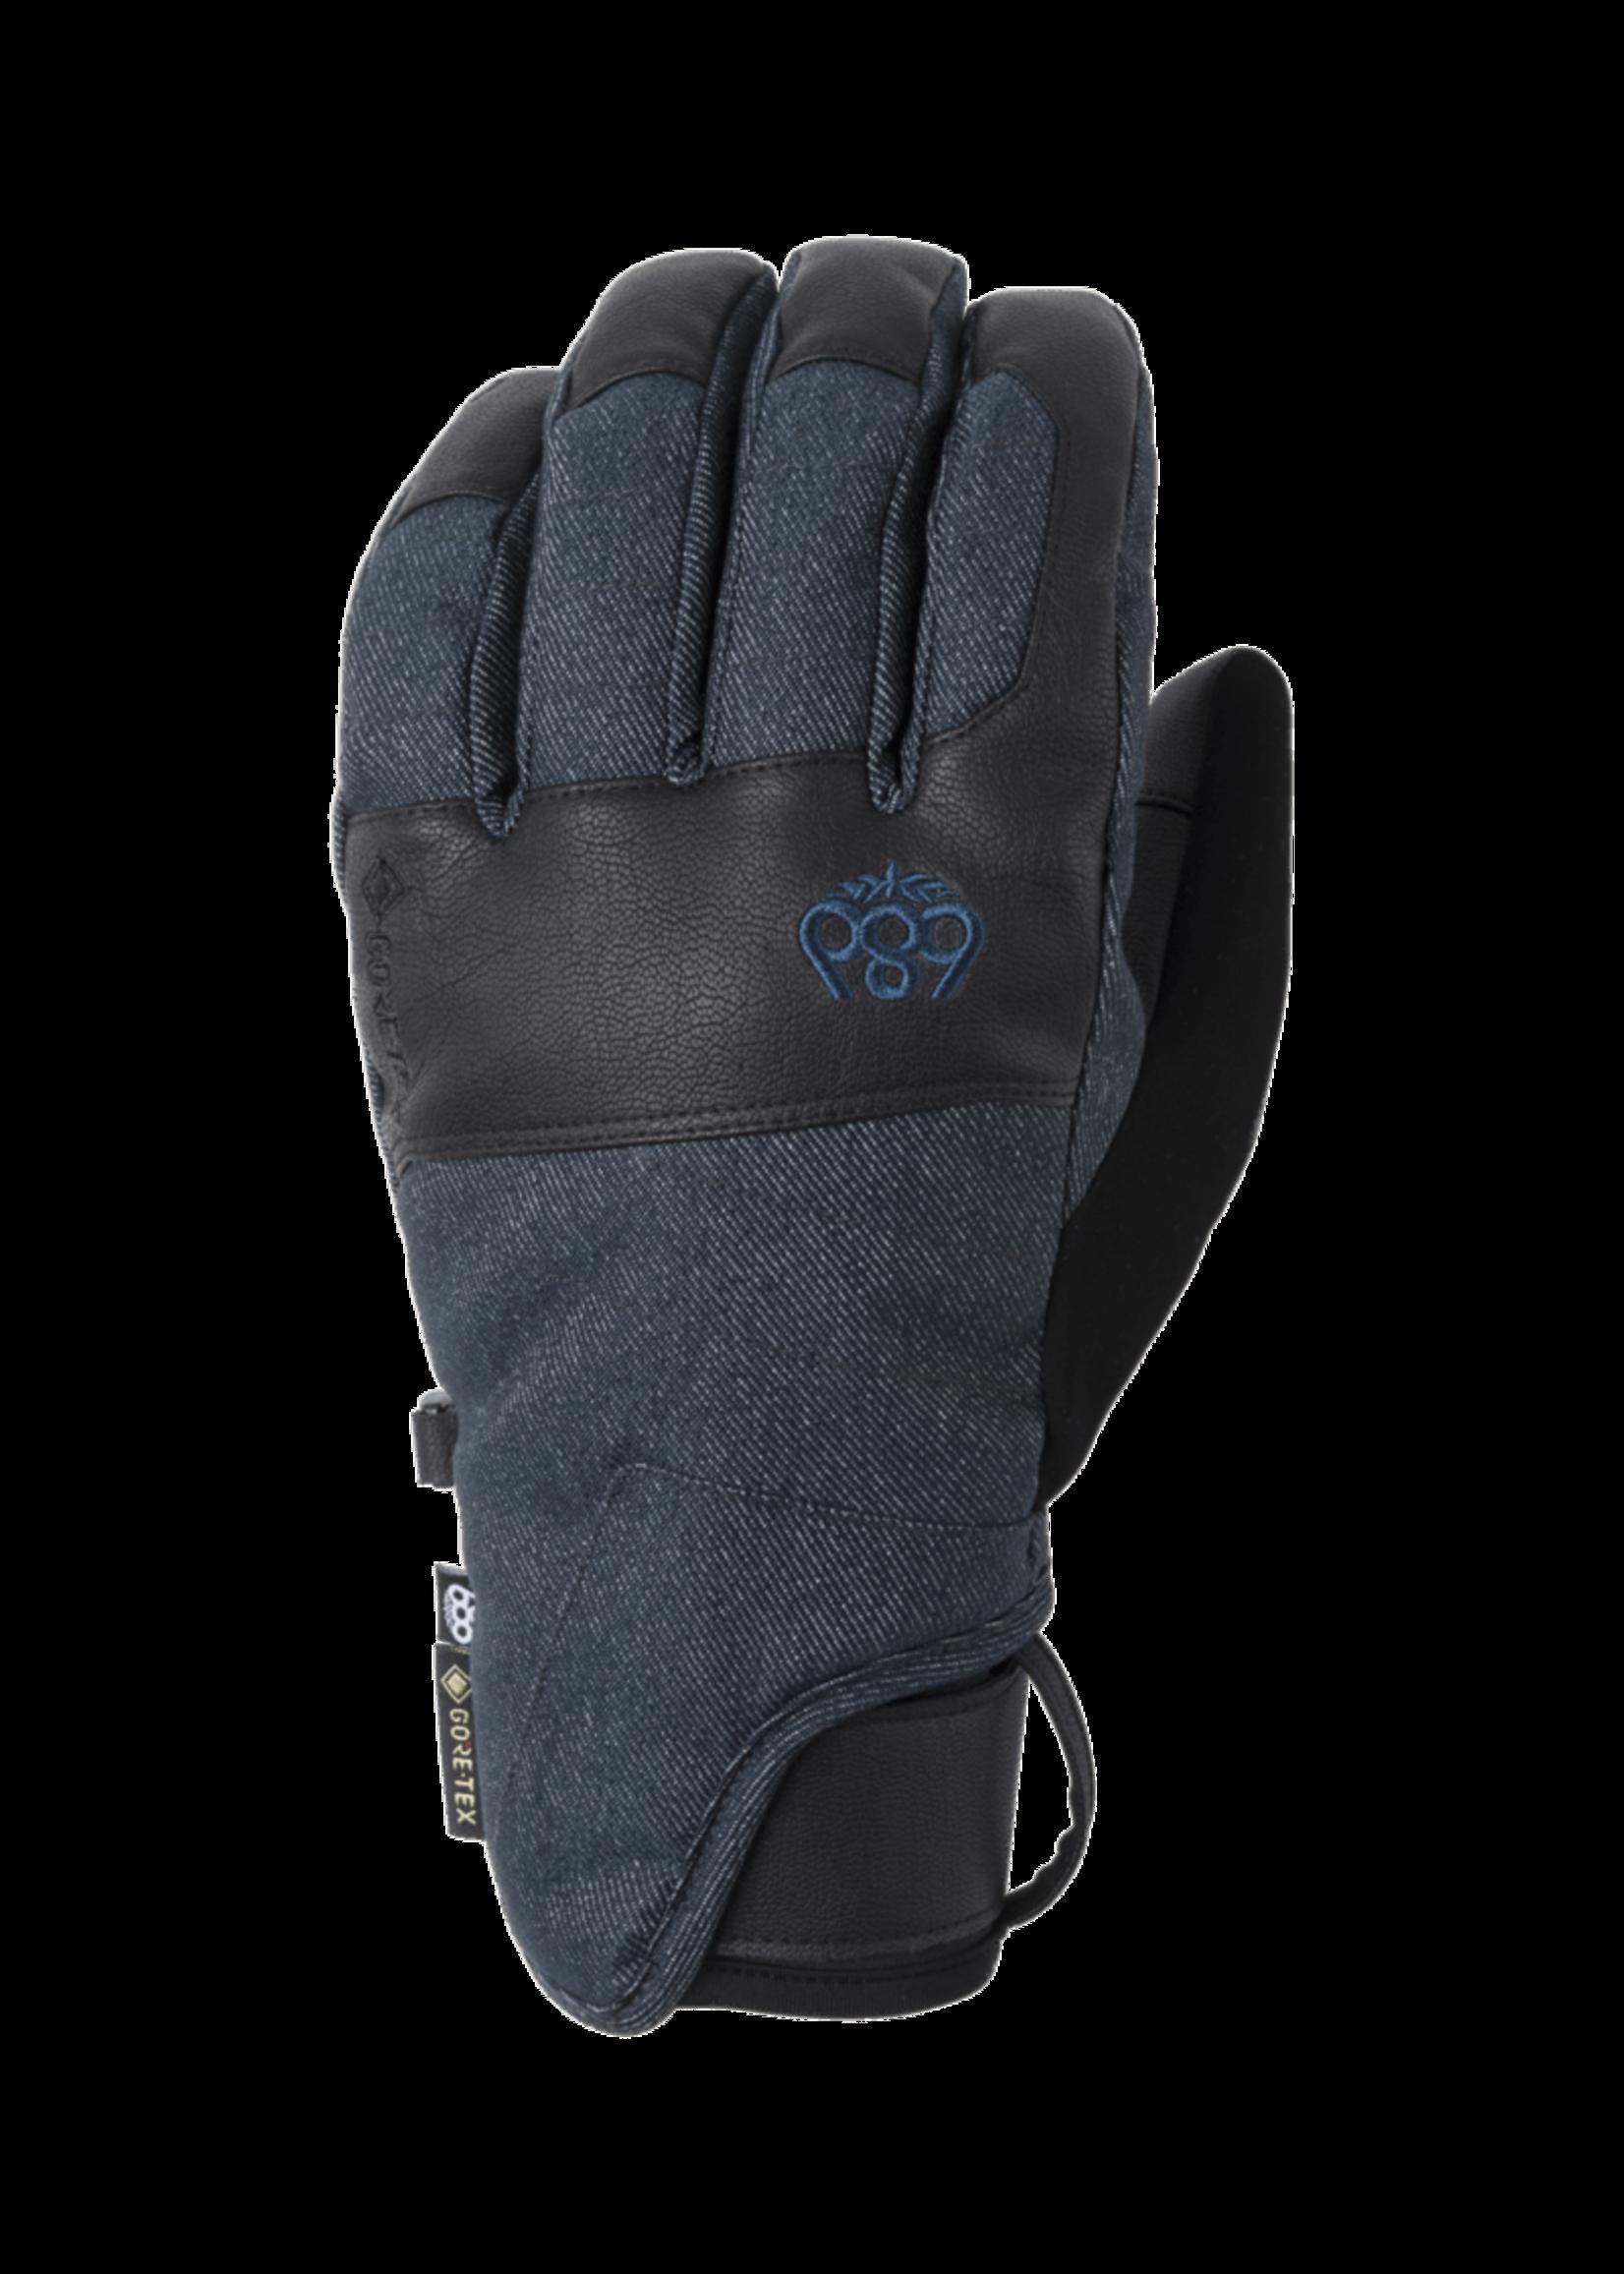 686 GORE-TEX Vapor Glove